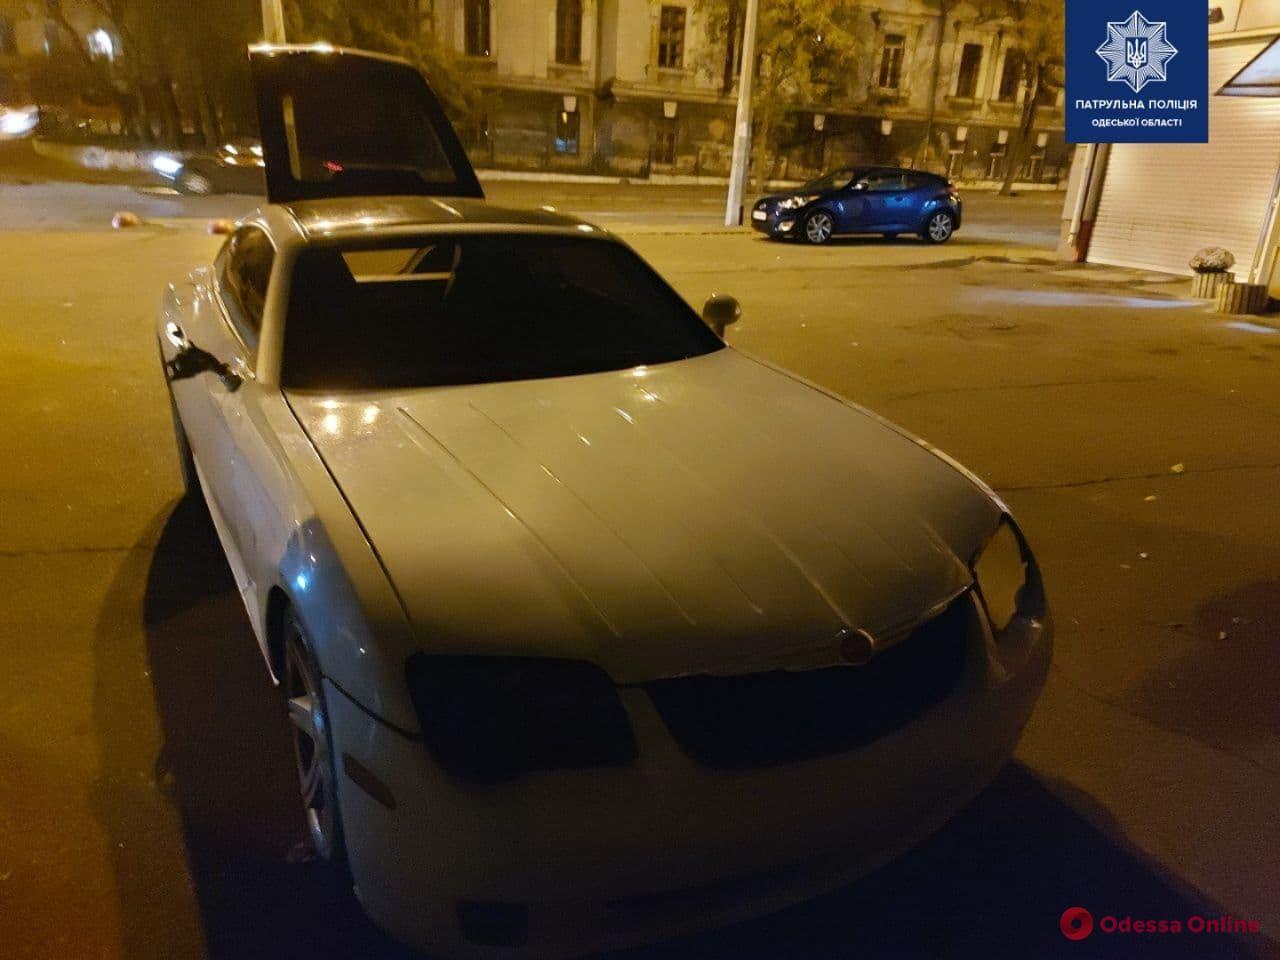 В Одессе Chrysler сбил 98-летнего мужчину и скрылся